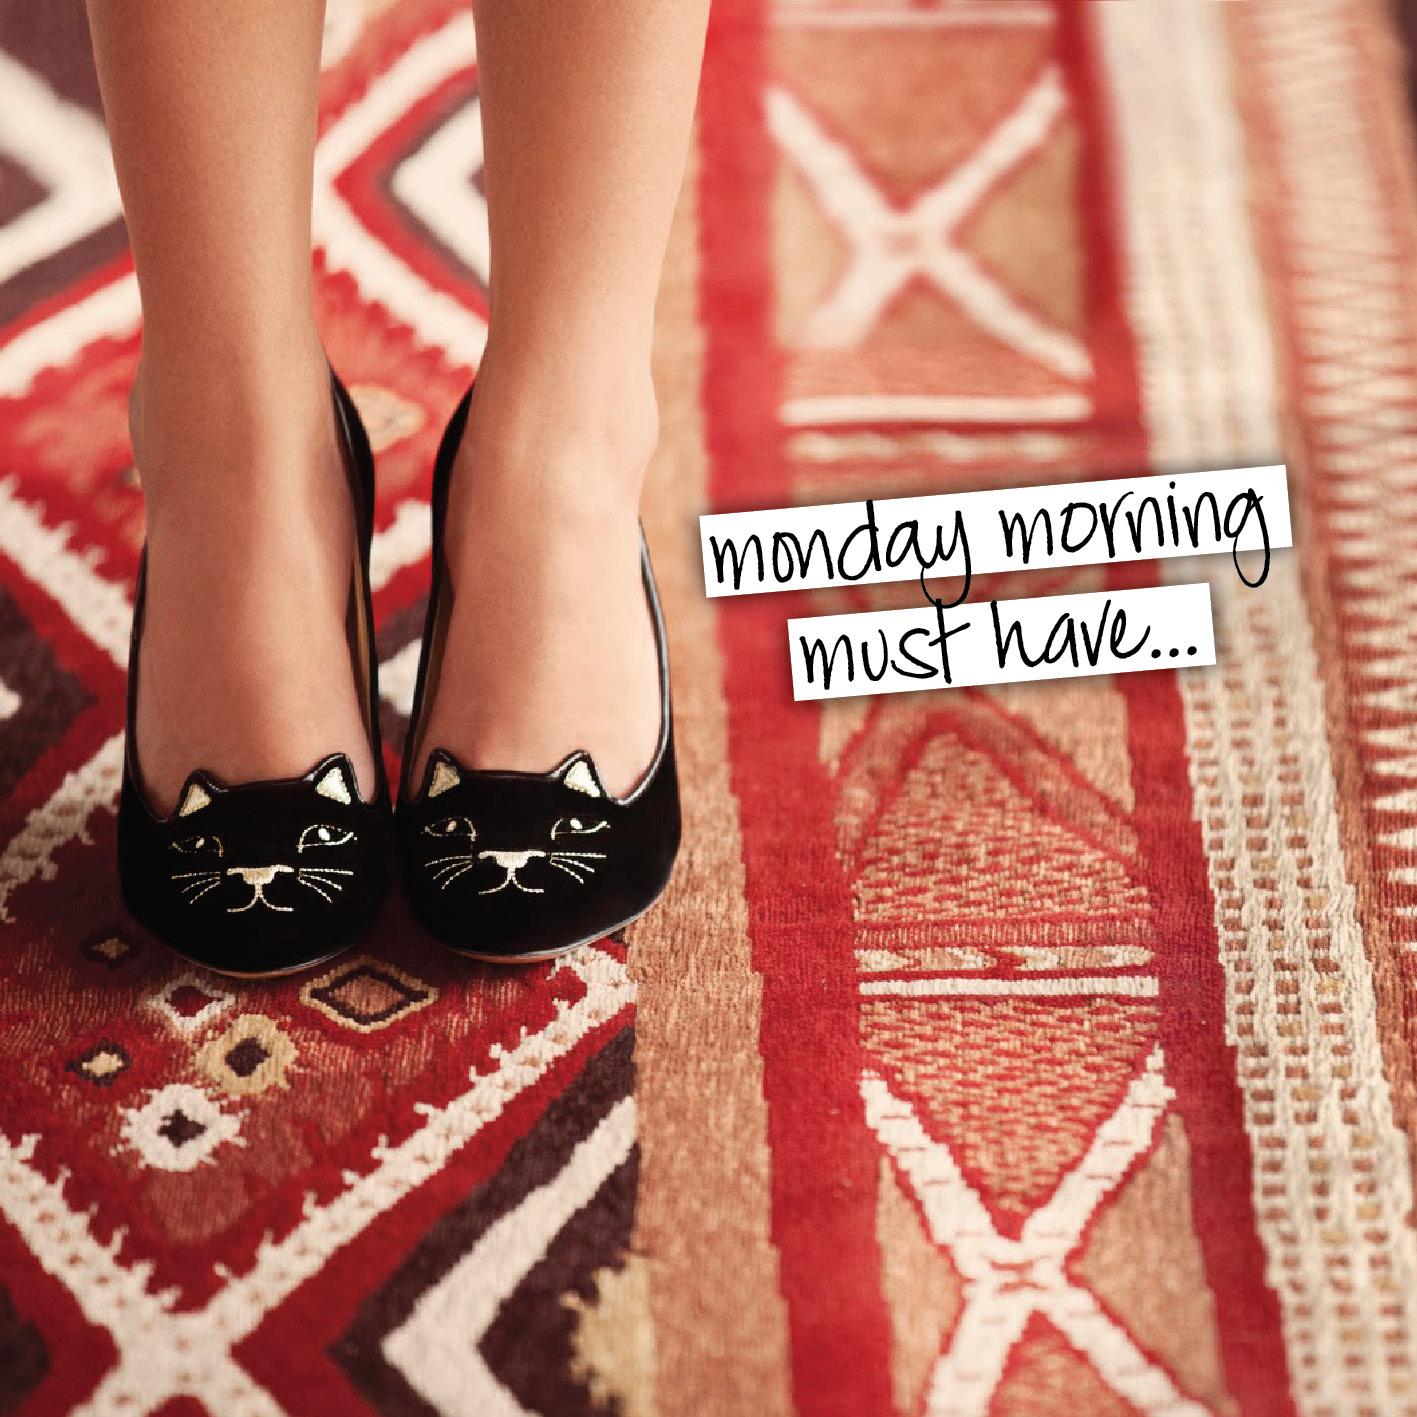 MondayCats